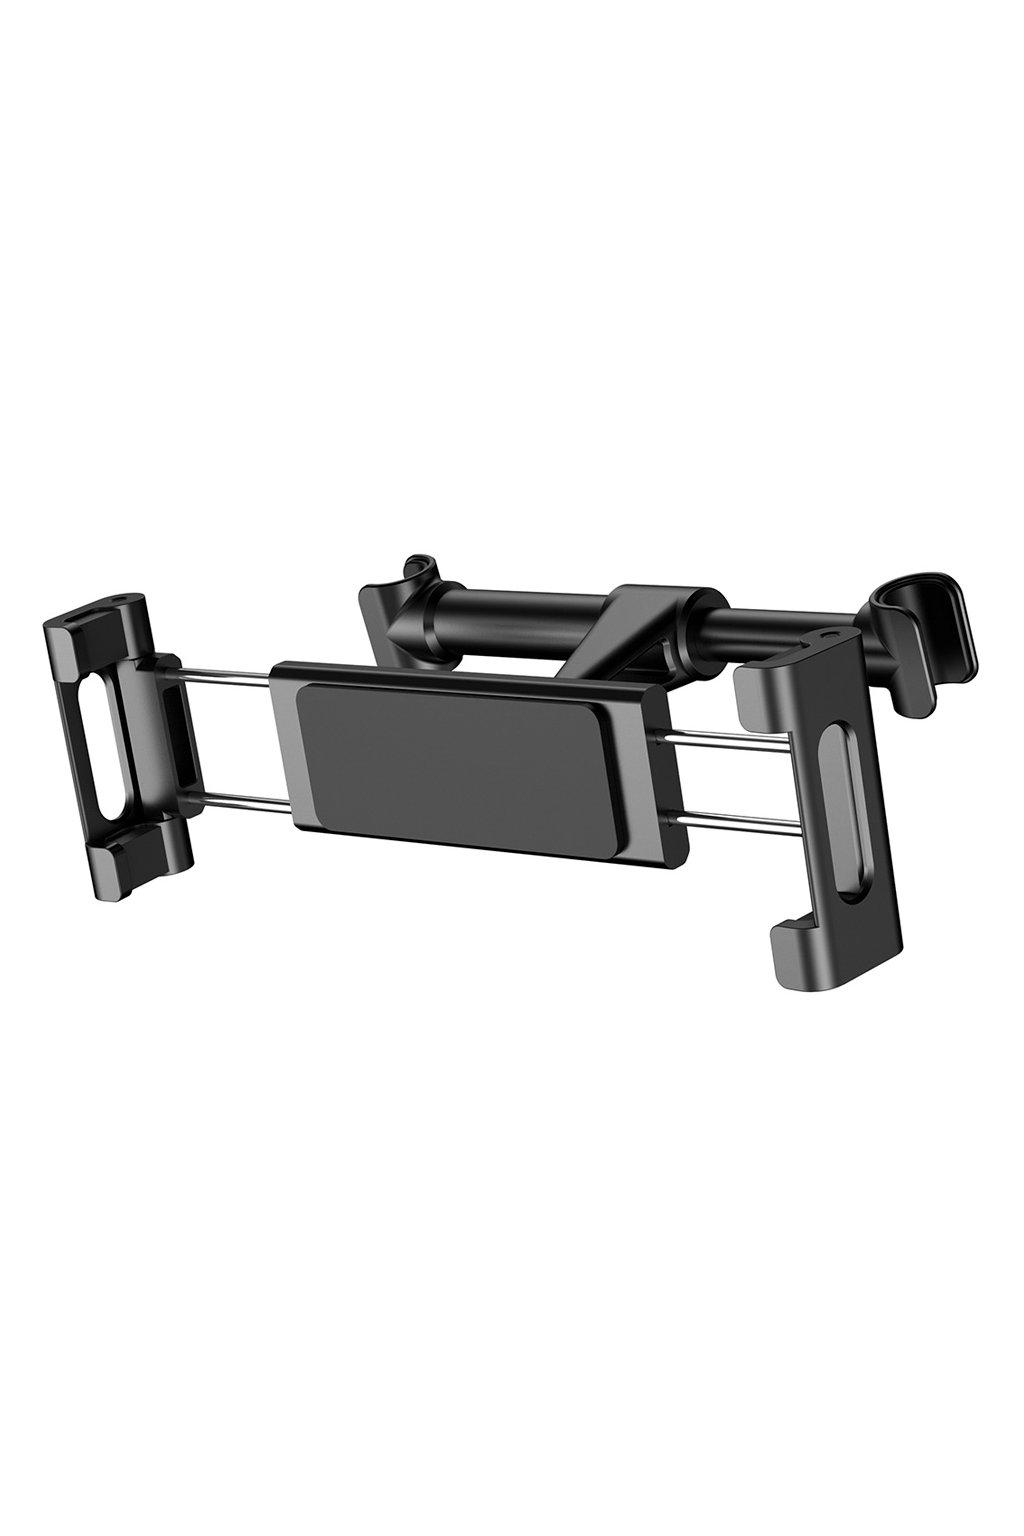 eng pl Baseus Backseat Car Mount Adjustable Headrest Bracket for tablets and smartphones 4 7 12 9 black SUHZ 01 27418 1